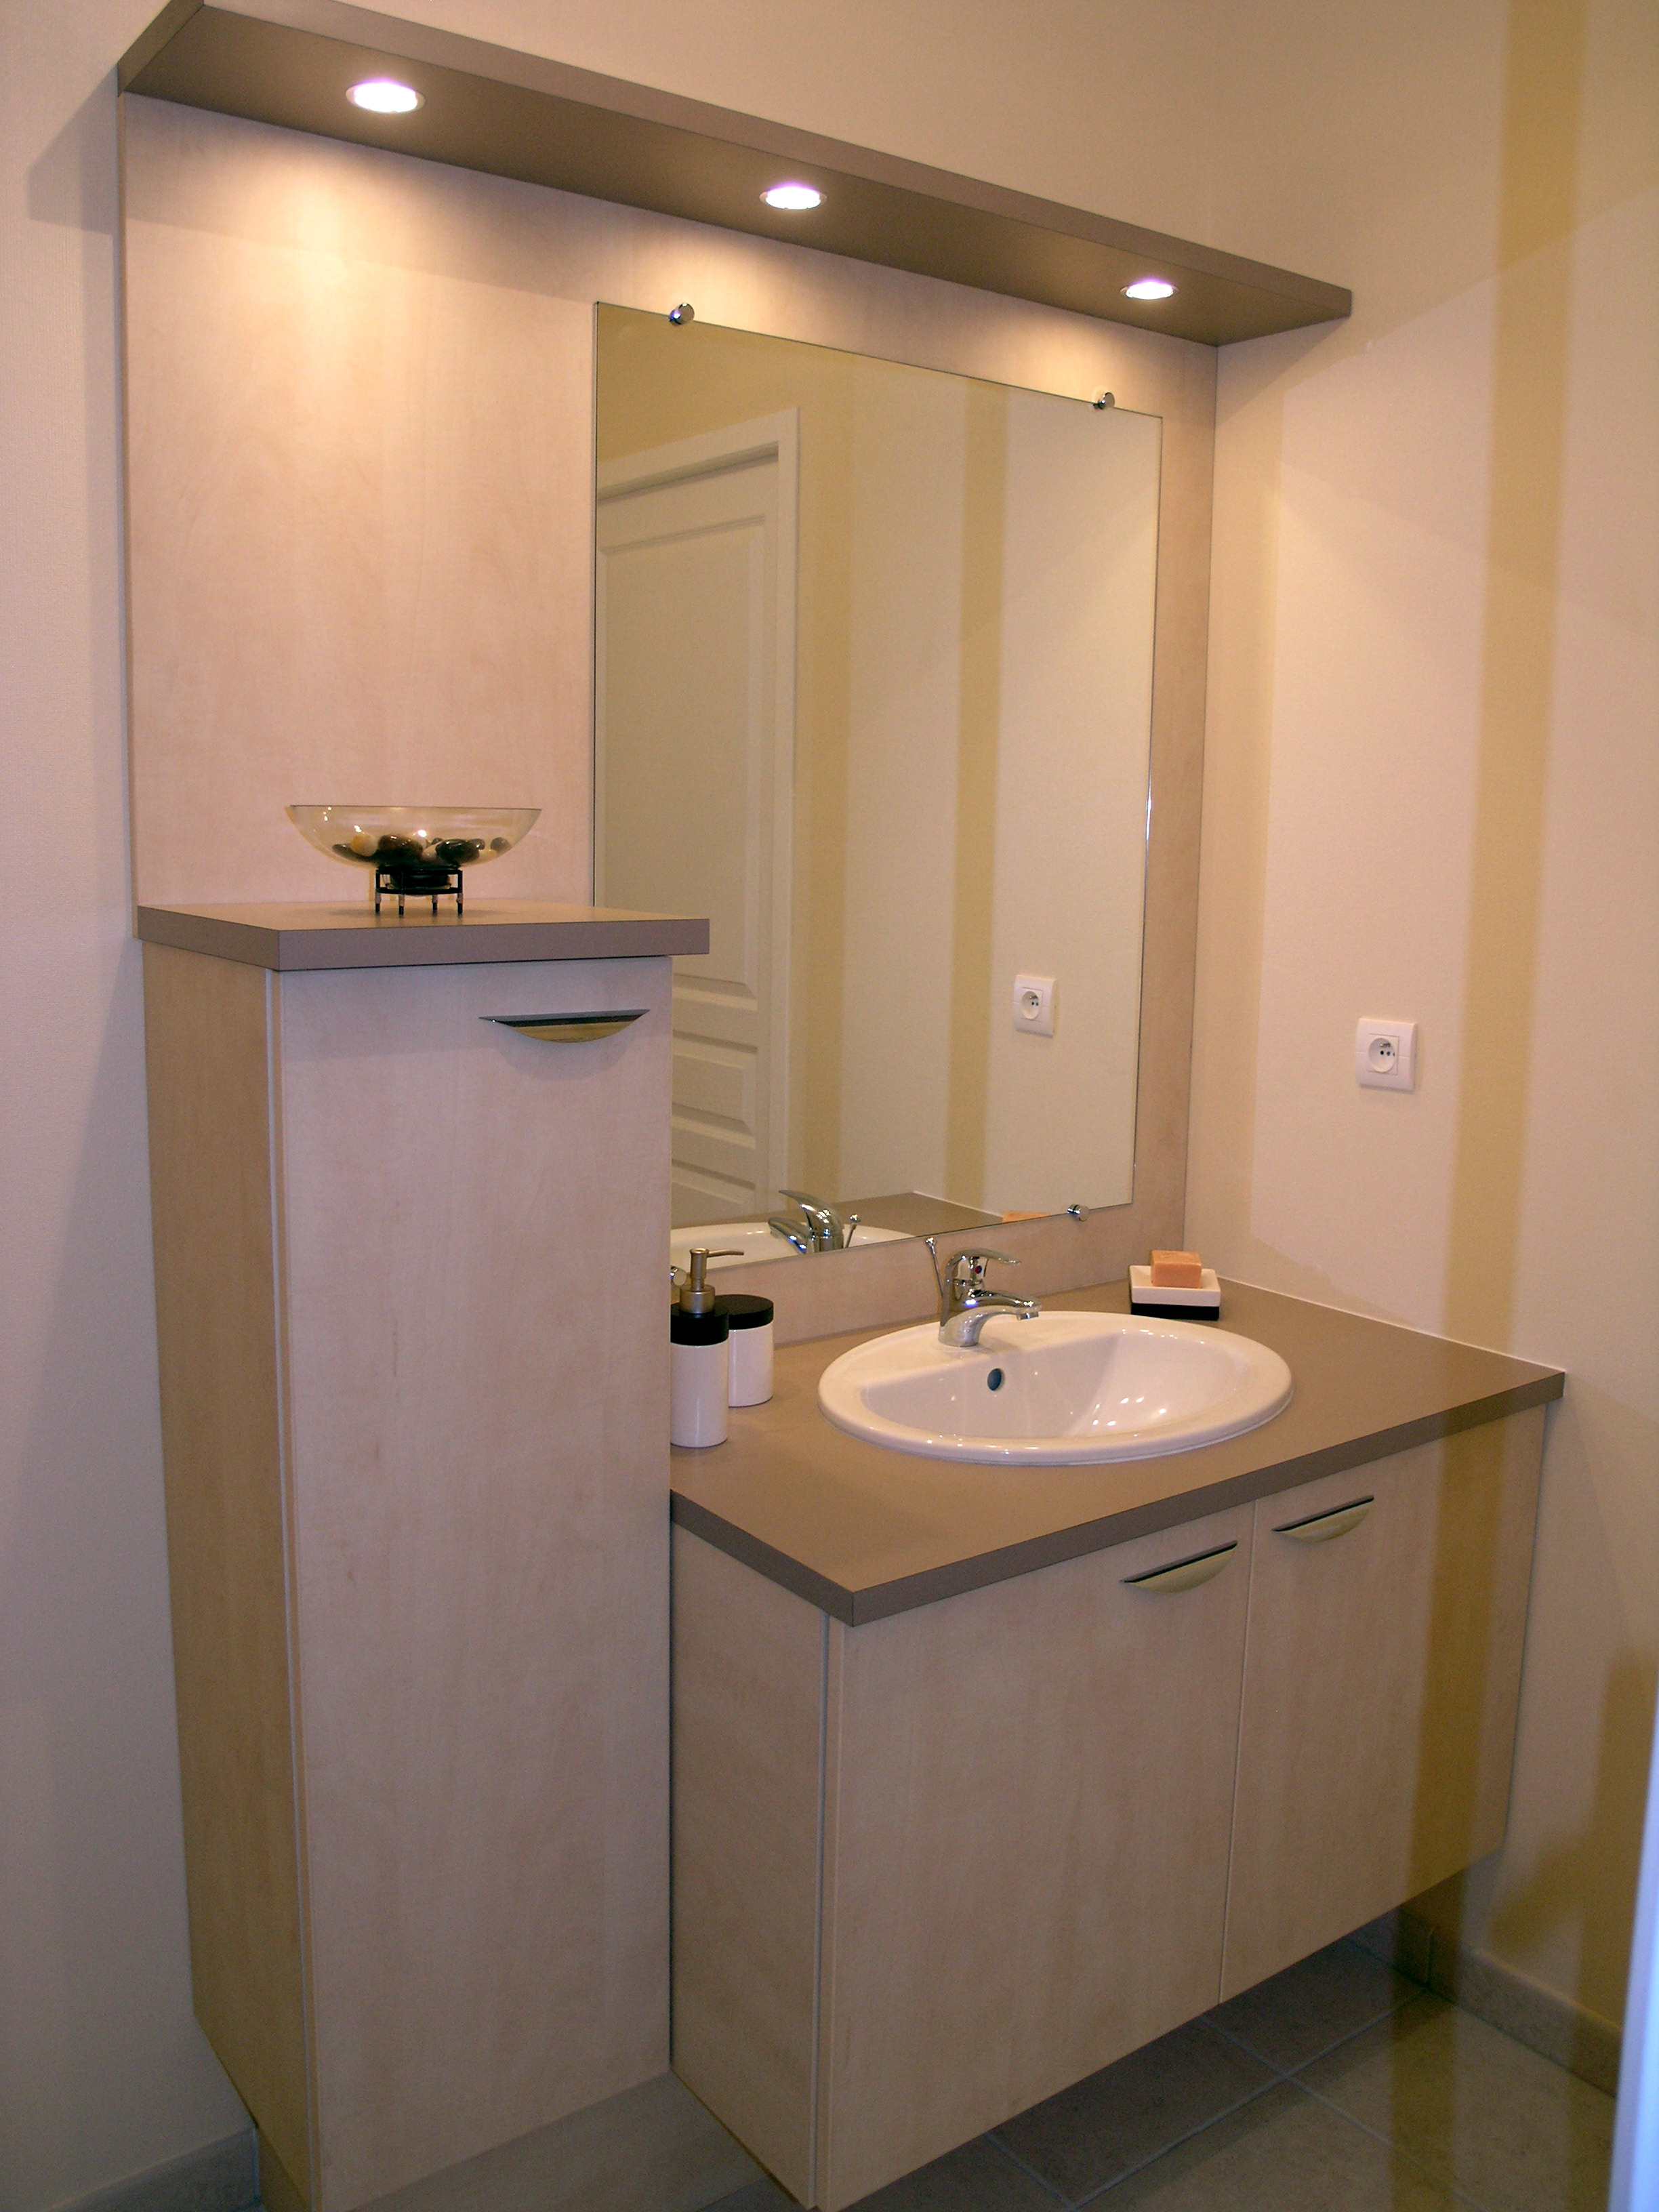 Meuble de salle de bains sur mesure avec miroir et éclairage ...